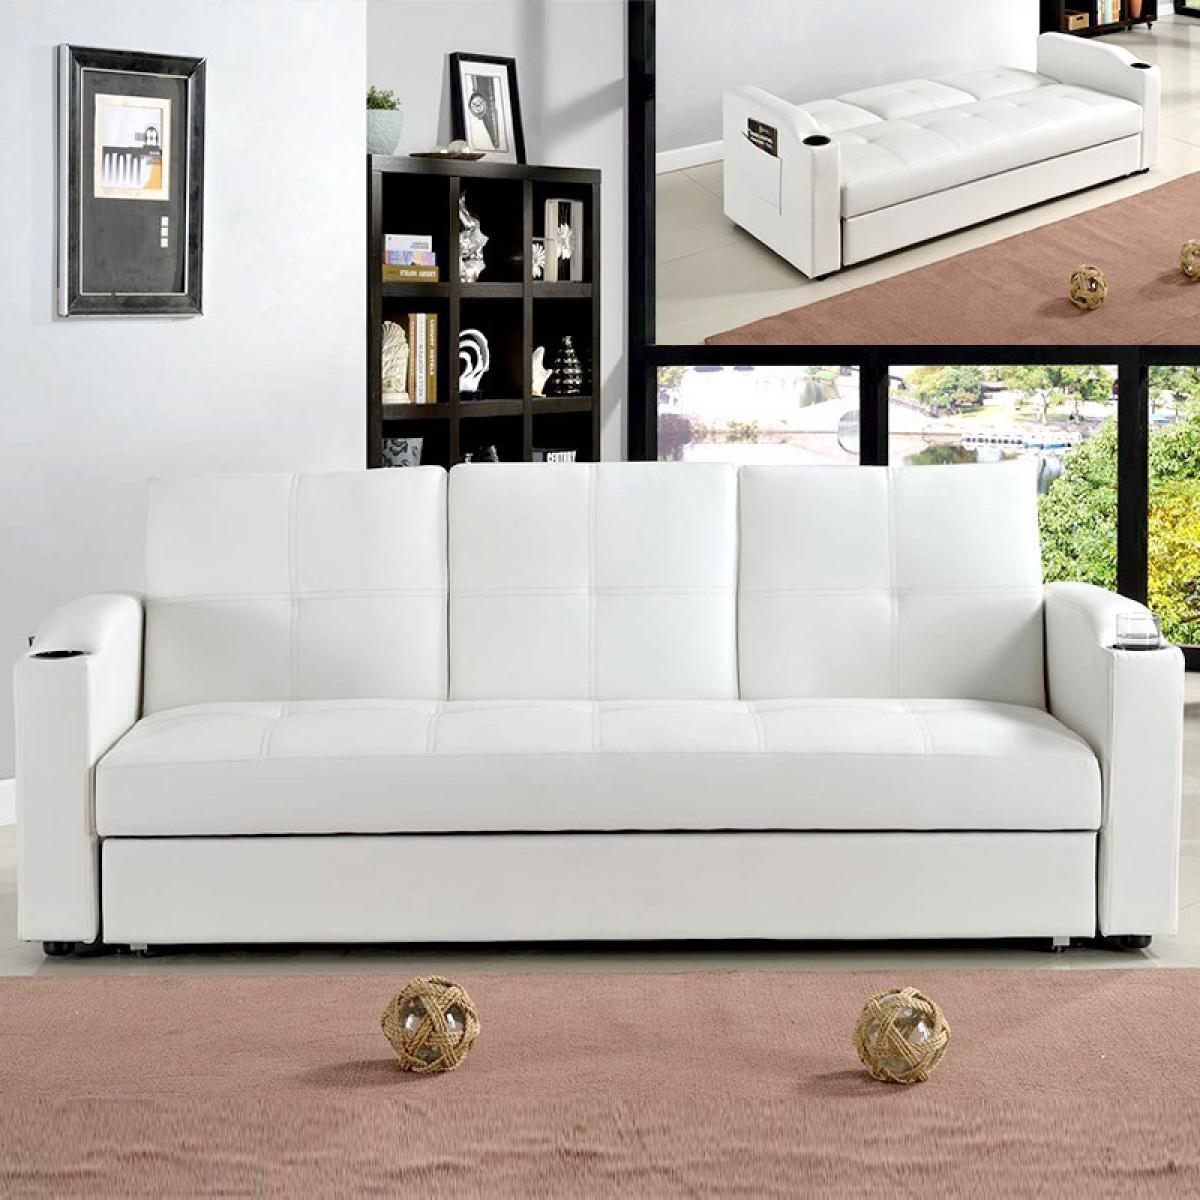 Meubler Design Canapé 3 places clic-clac avec tablette centrale rabattable coffre Corabar - Blanc